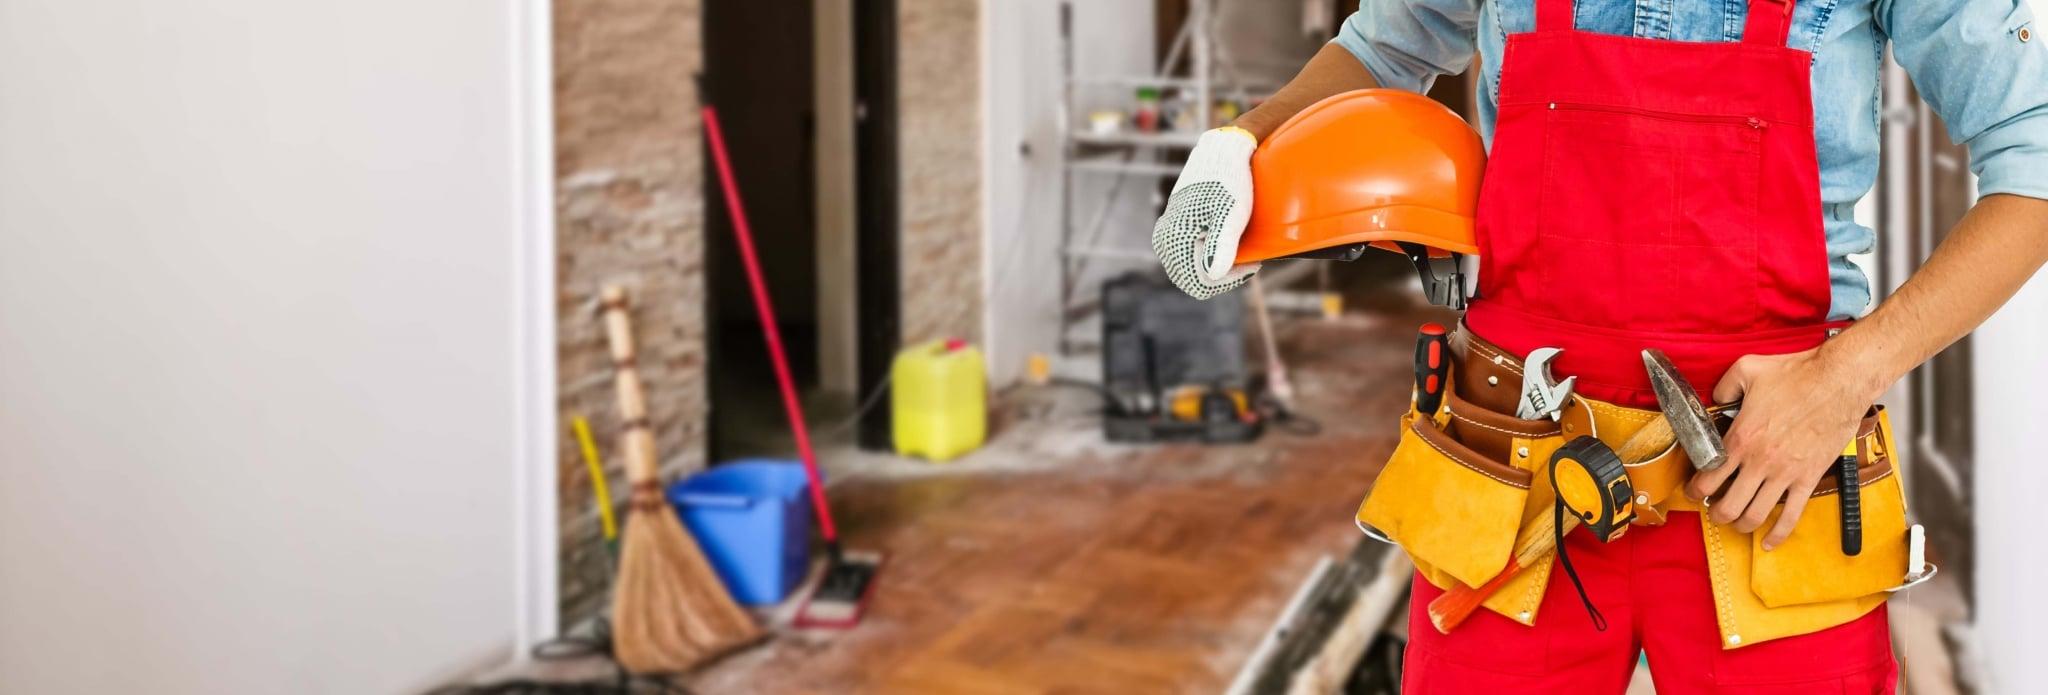 Handwerker beim Bauen, Sanieren und Renovieren mit Werkzeugen im HIntergrund